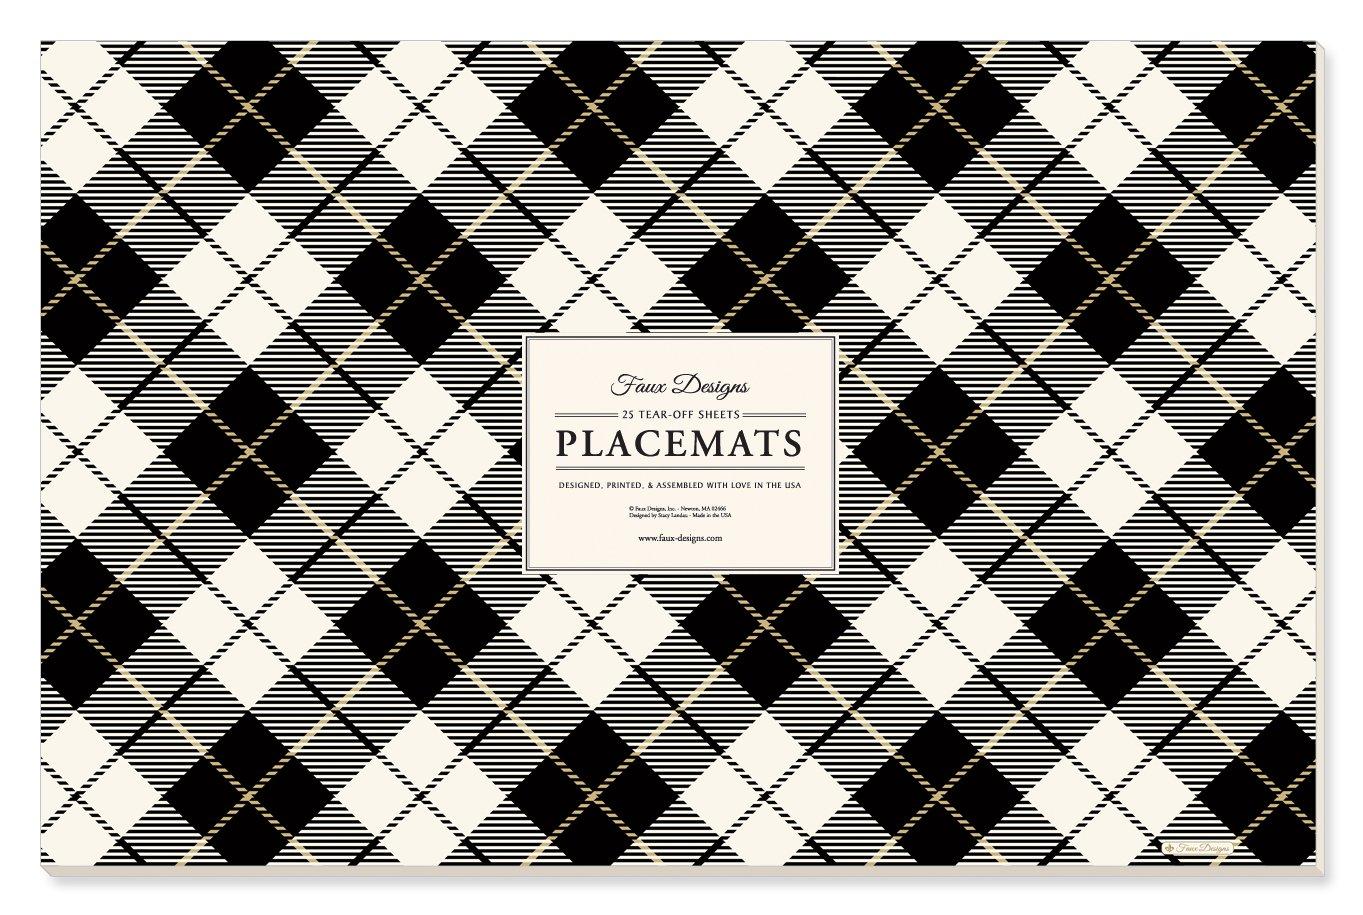 Faux Designs Paper Placemats - Plaid